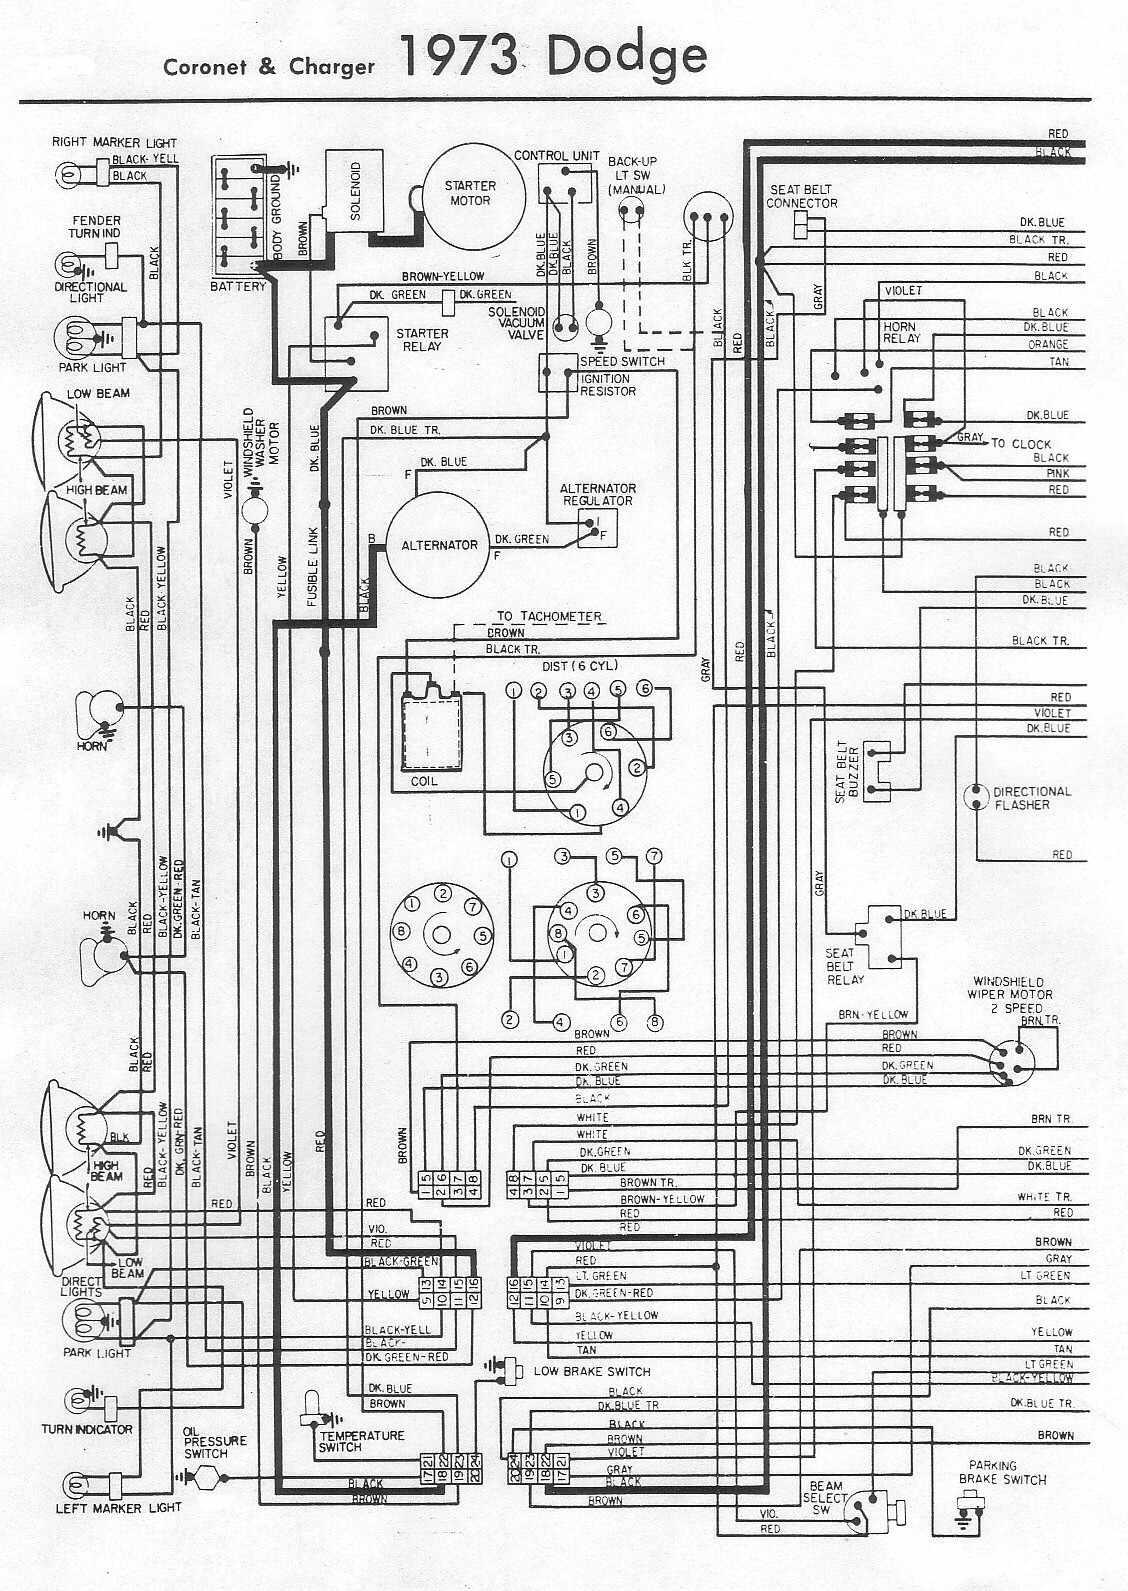 small resolution of citroen saxo fuse box layout wiring librarycitroen saxo fuse box diagram wiring diagrams source blazer